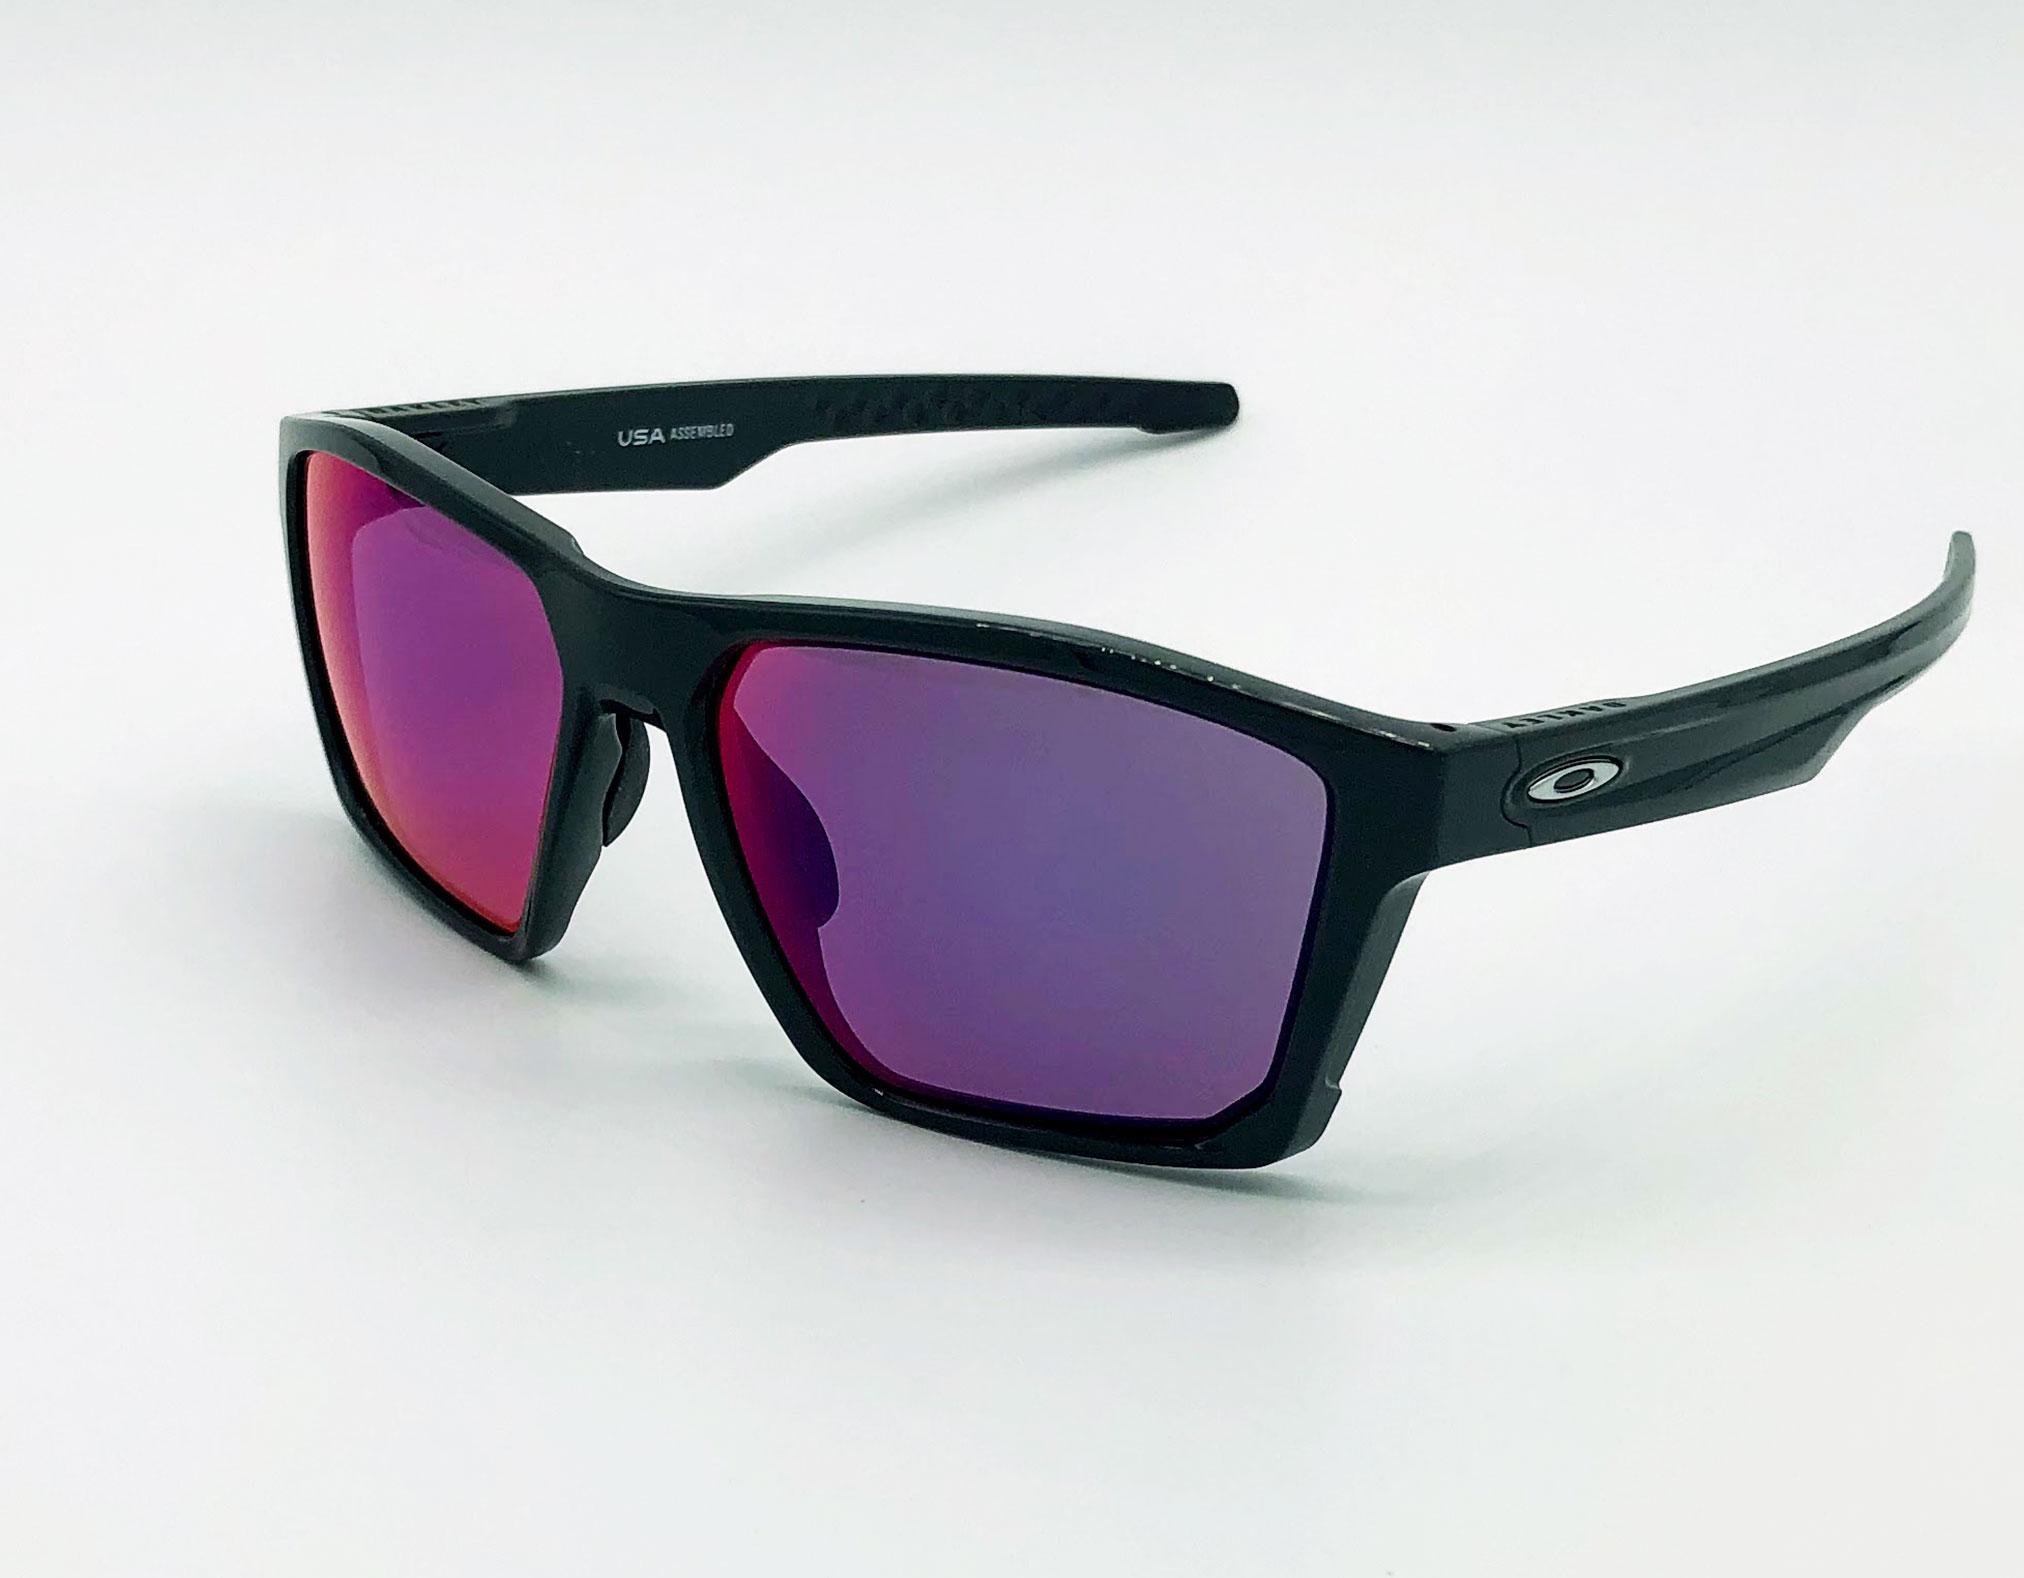 Ulleres de sol Oakley 2020 Carbon 939704 Natural Optics Optica l'Esguard Amposta